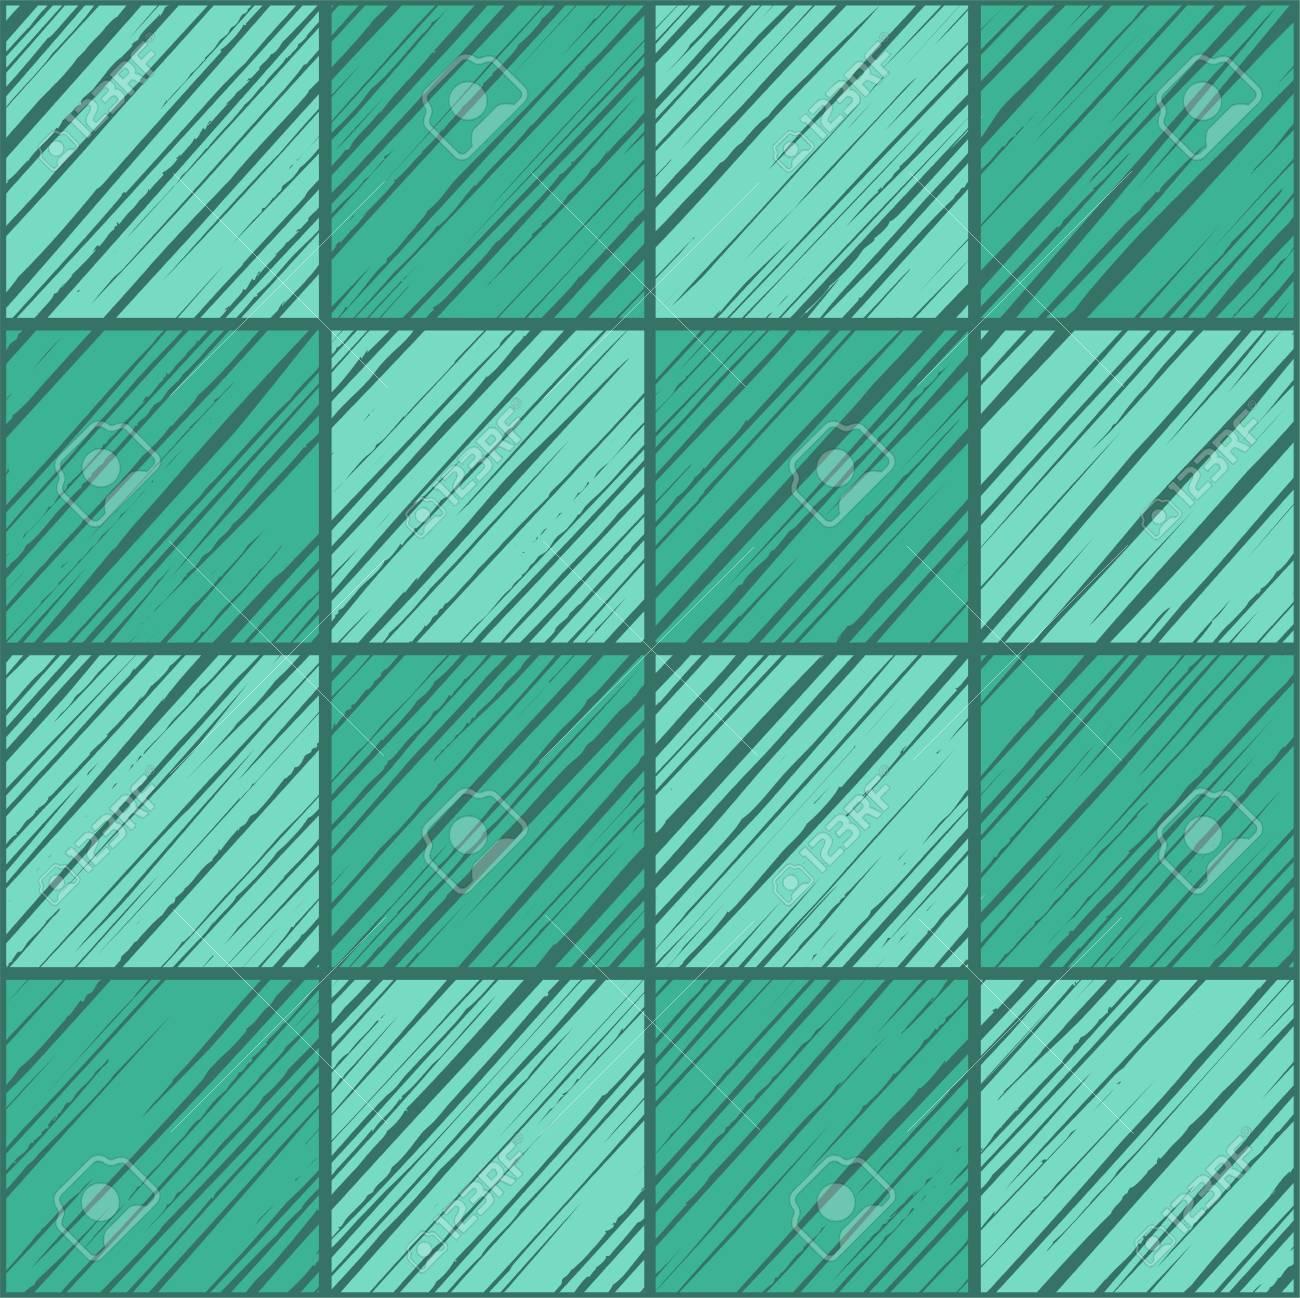 Couleur Vert Emeraude Foncé carrelage carré, fond transparent, vert émeraude, vecteur. les carrés  ombrés sur le vert émeraude diagonale sur le champ vert foncé. texture du  bois,